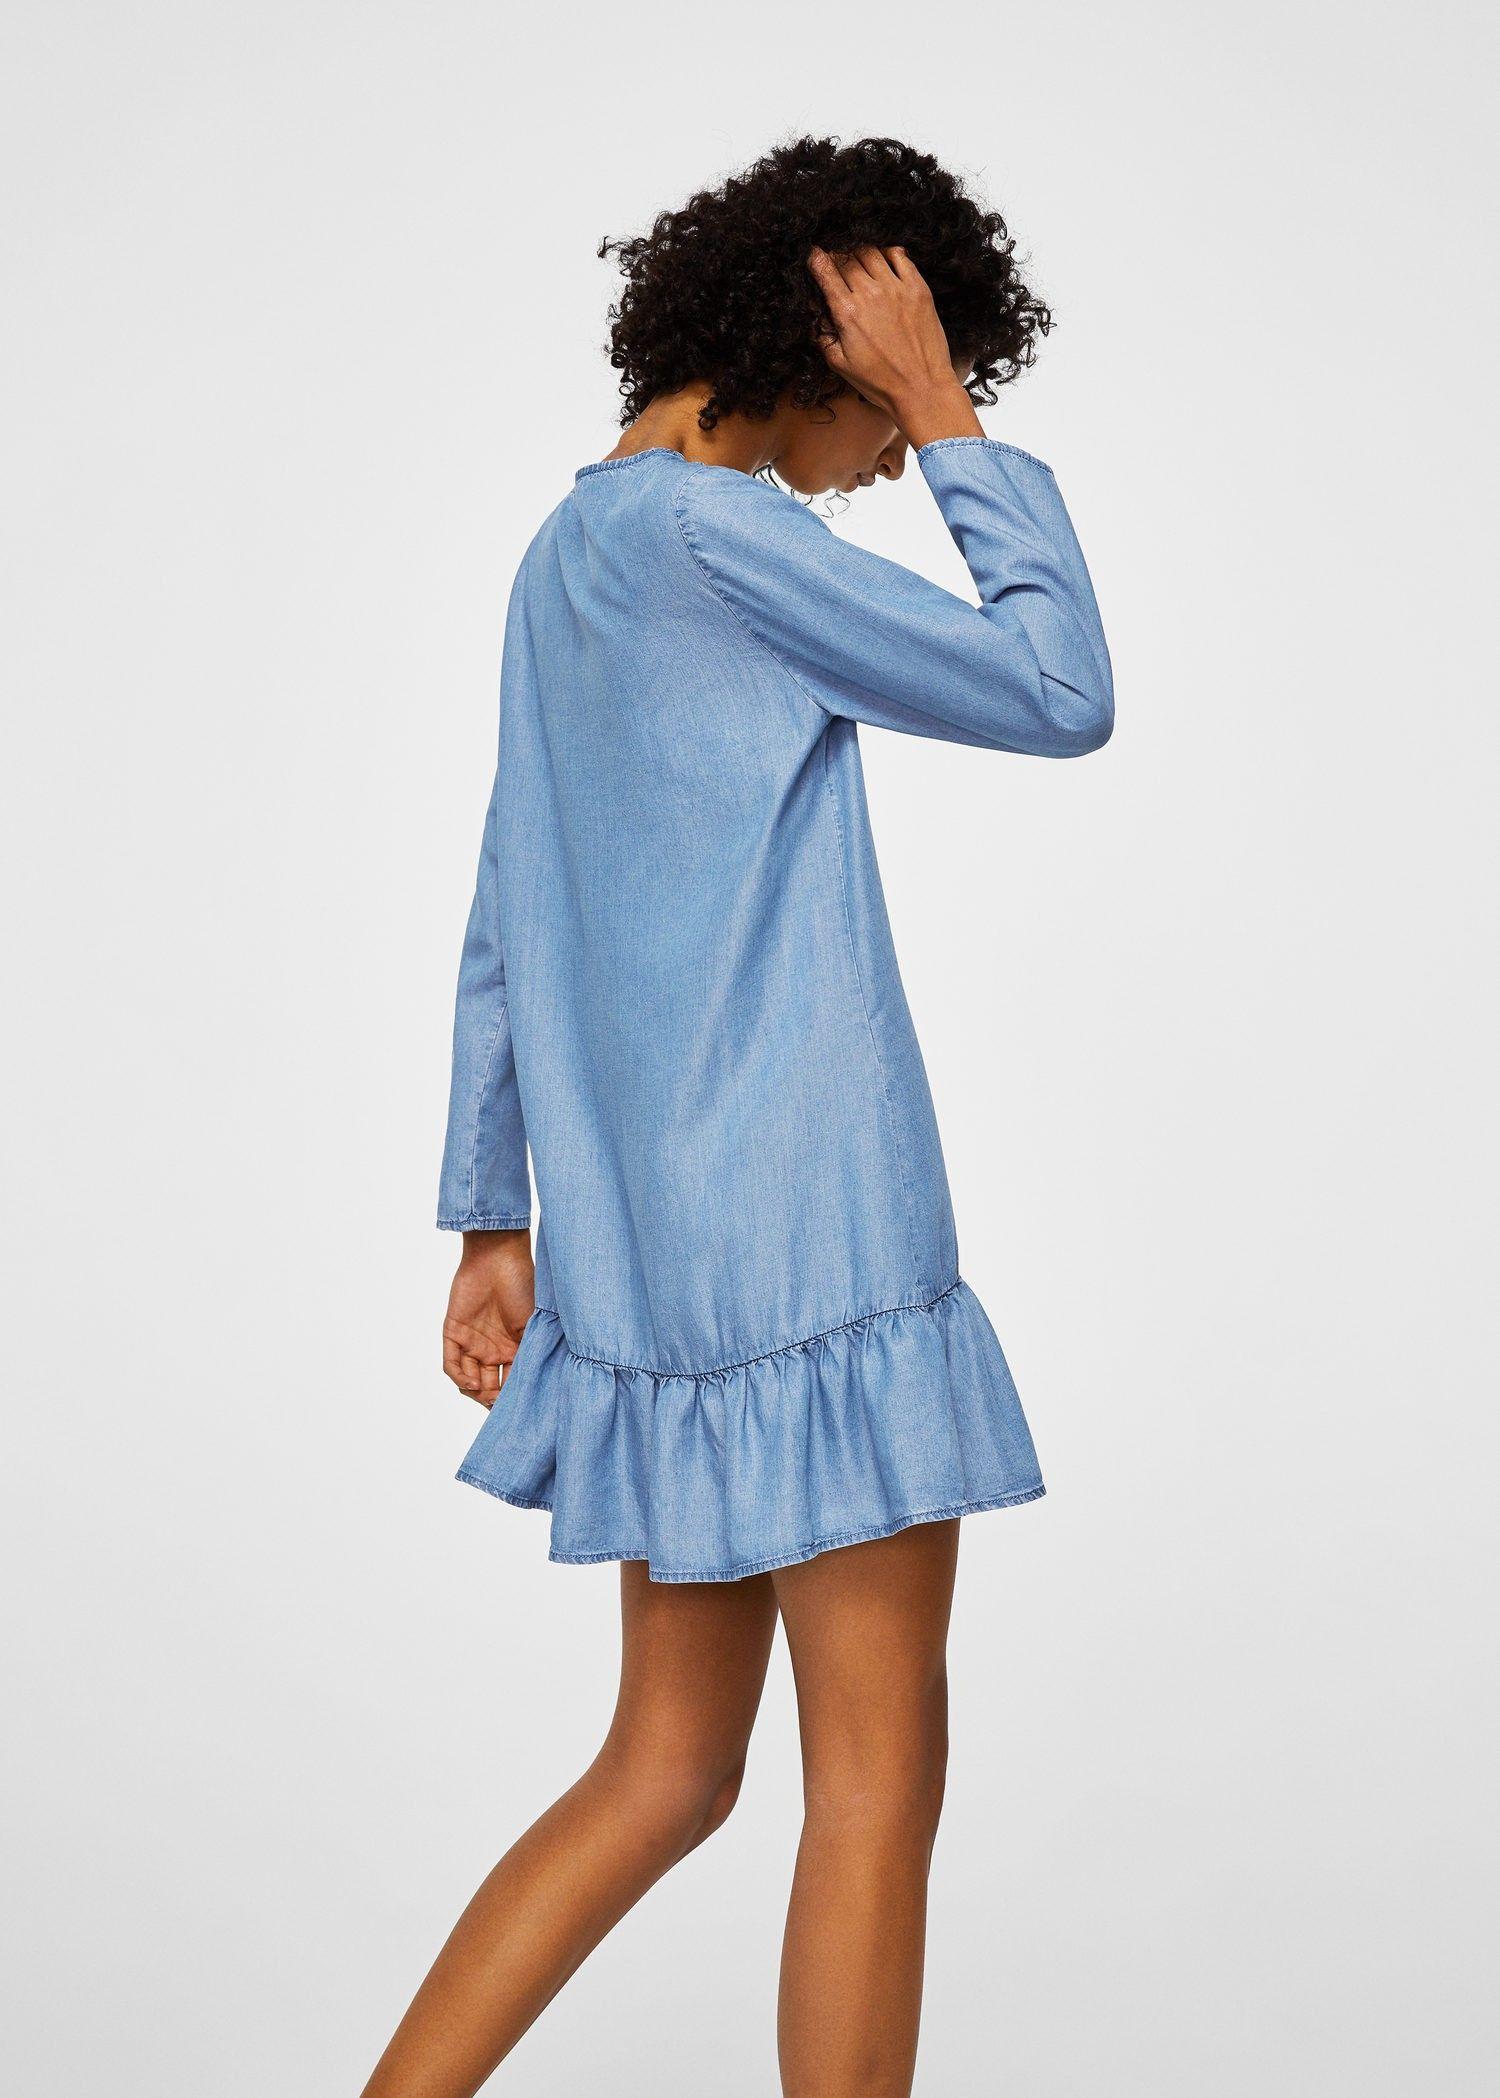 top fashion outlet boutique exclusive range Mango Frills Denim Dress - 6 | Womens denim dress, Dresses, Denim ...